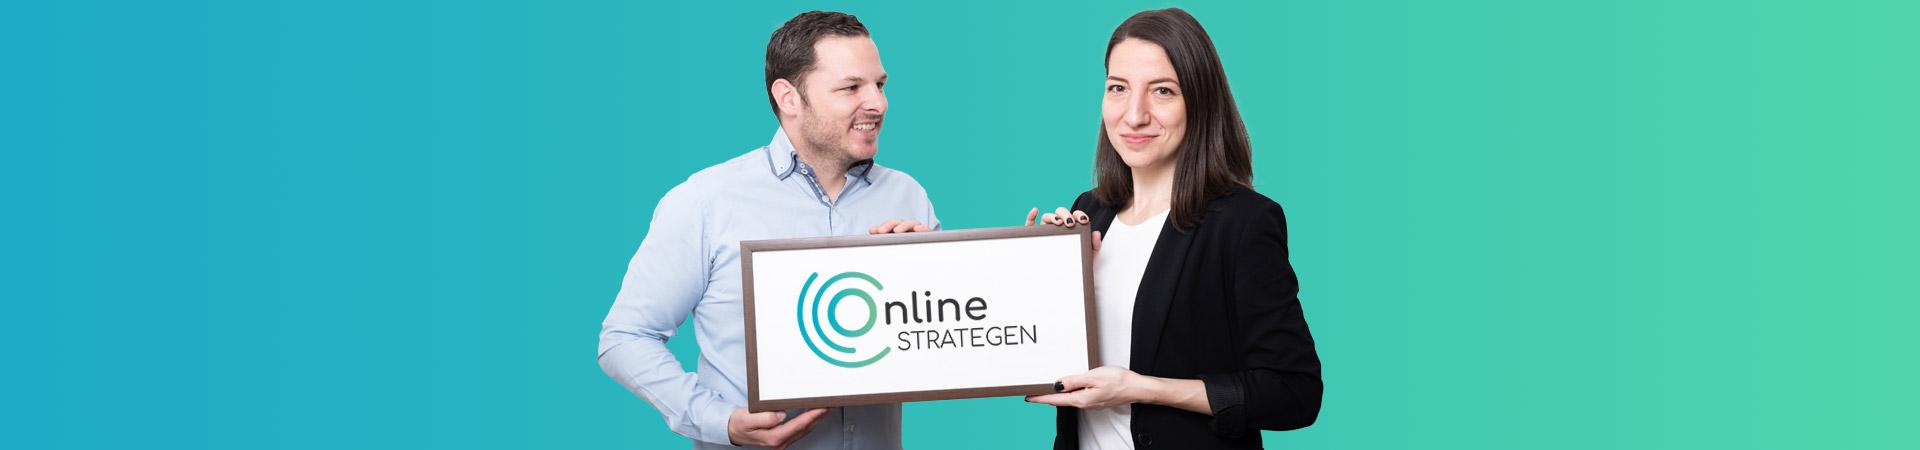 Über uns Online Strategen